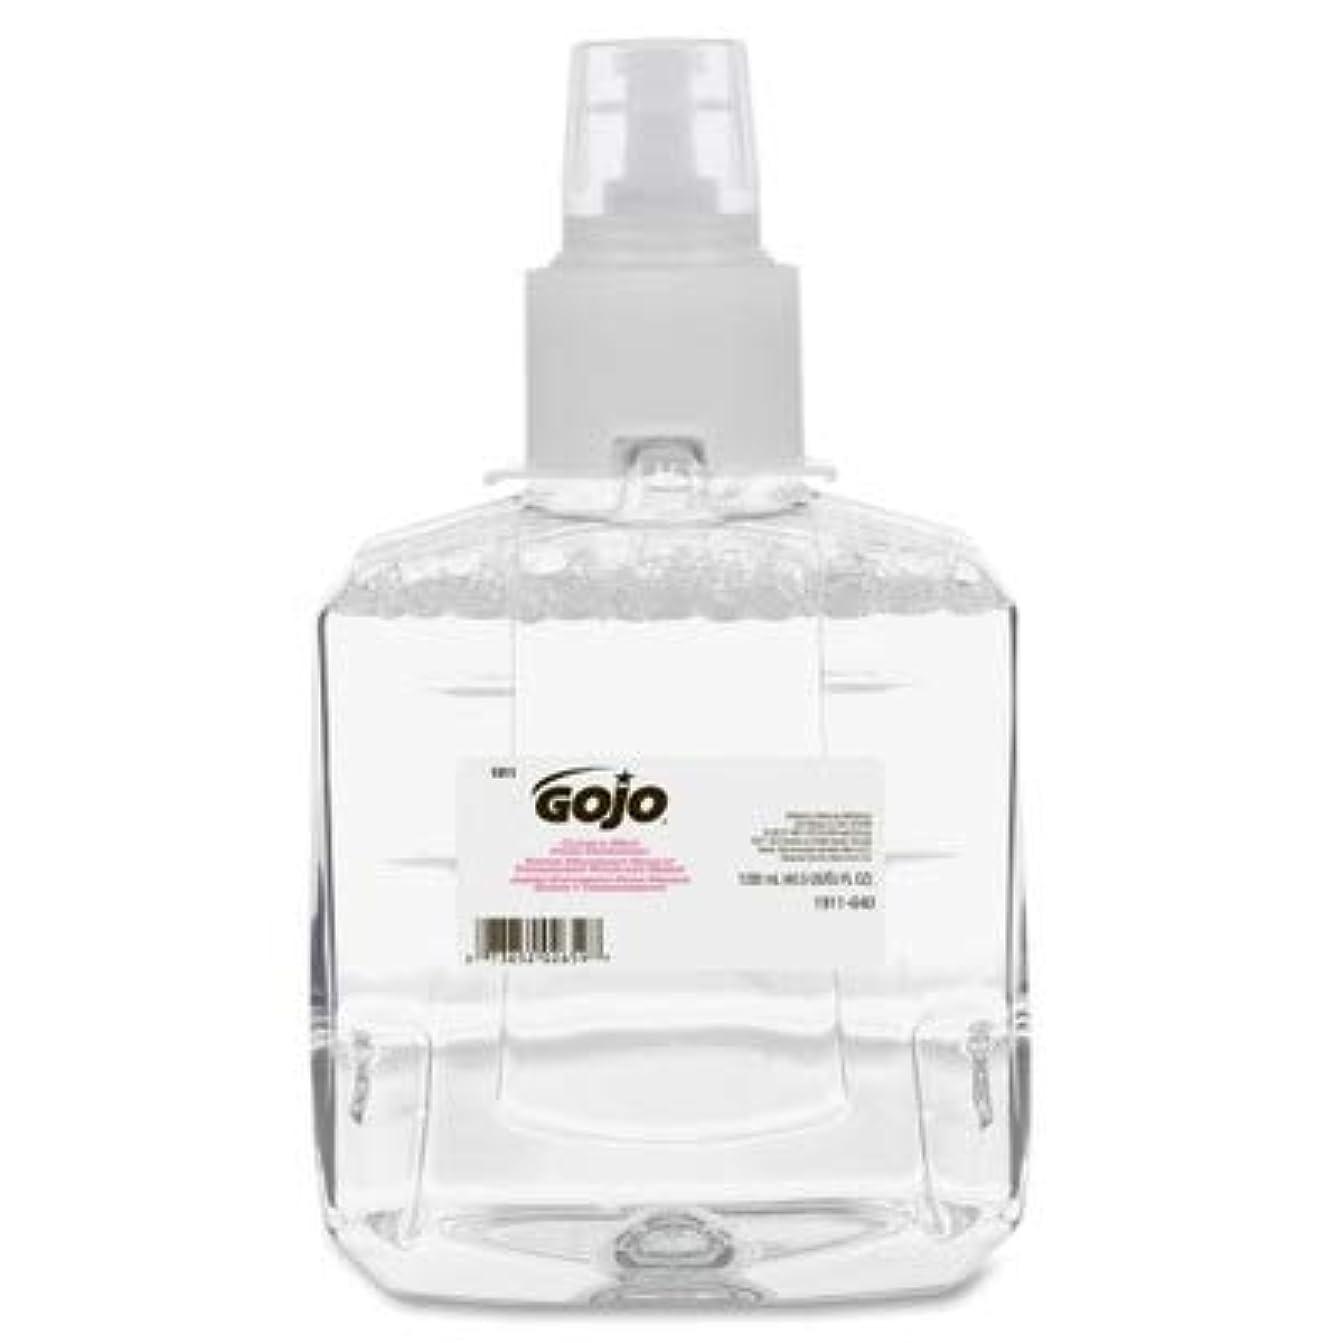 汚す恐怖ホイストgoj191102 – クリアAmp ; Mild Foam手洗い、1200 ml詰め替え、無香